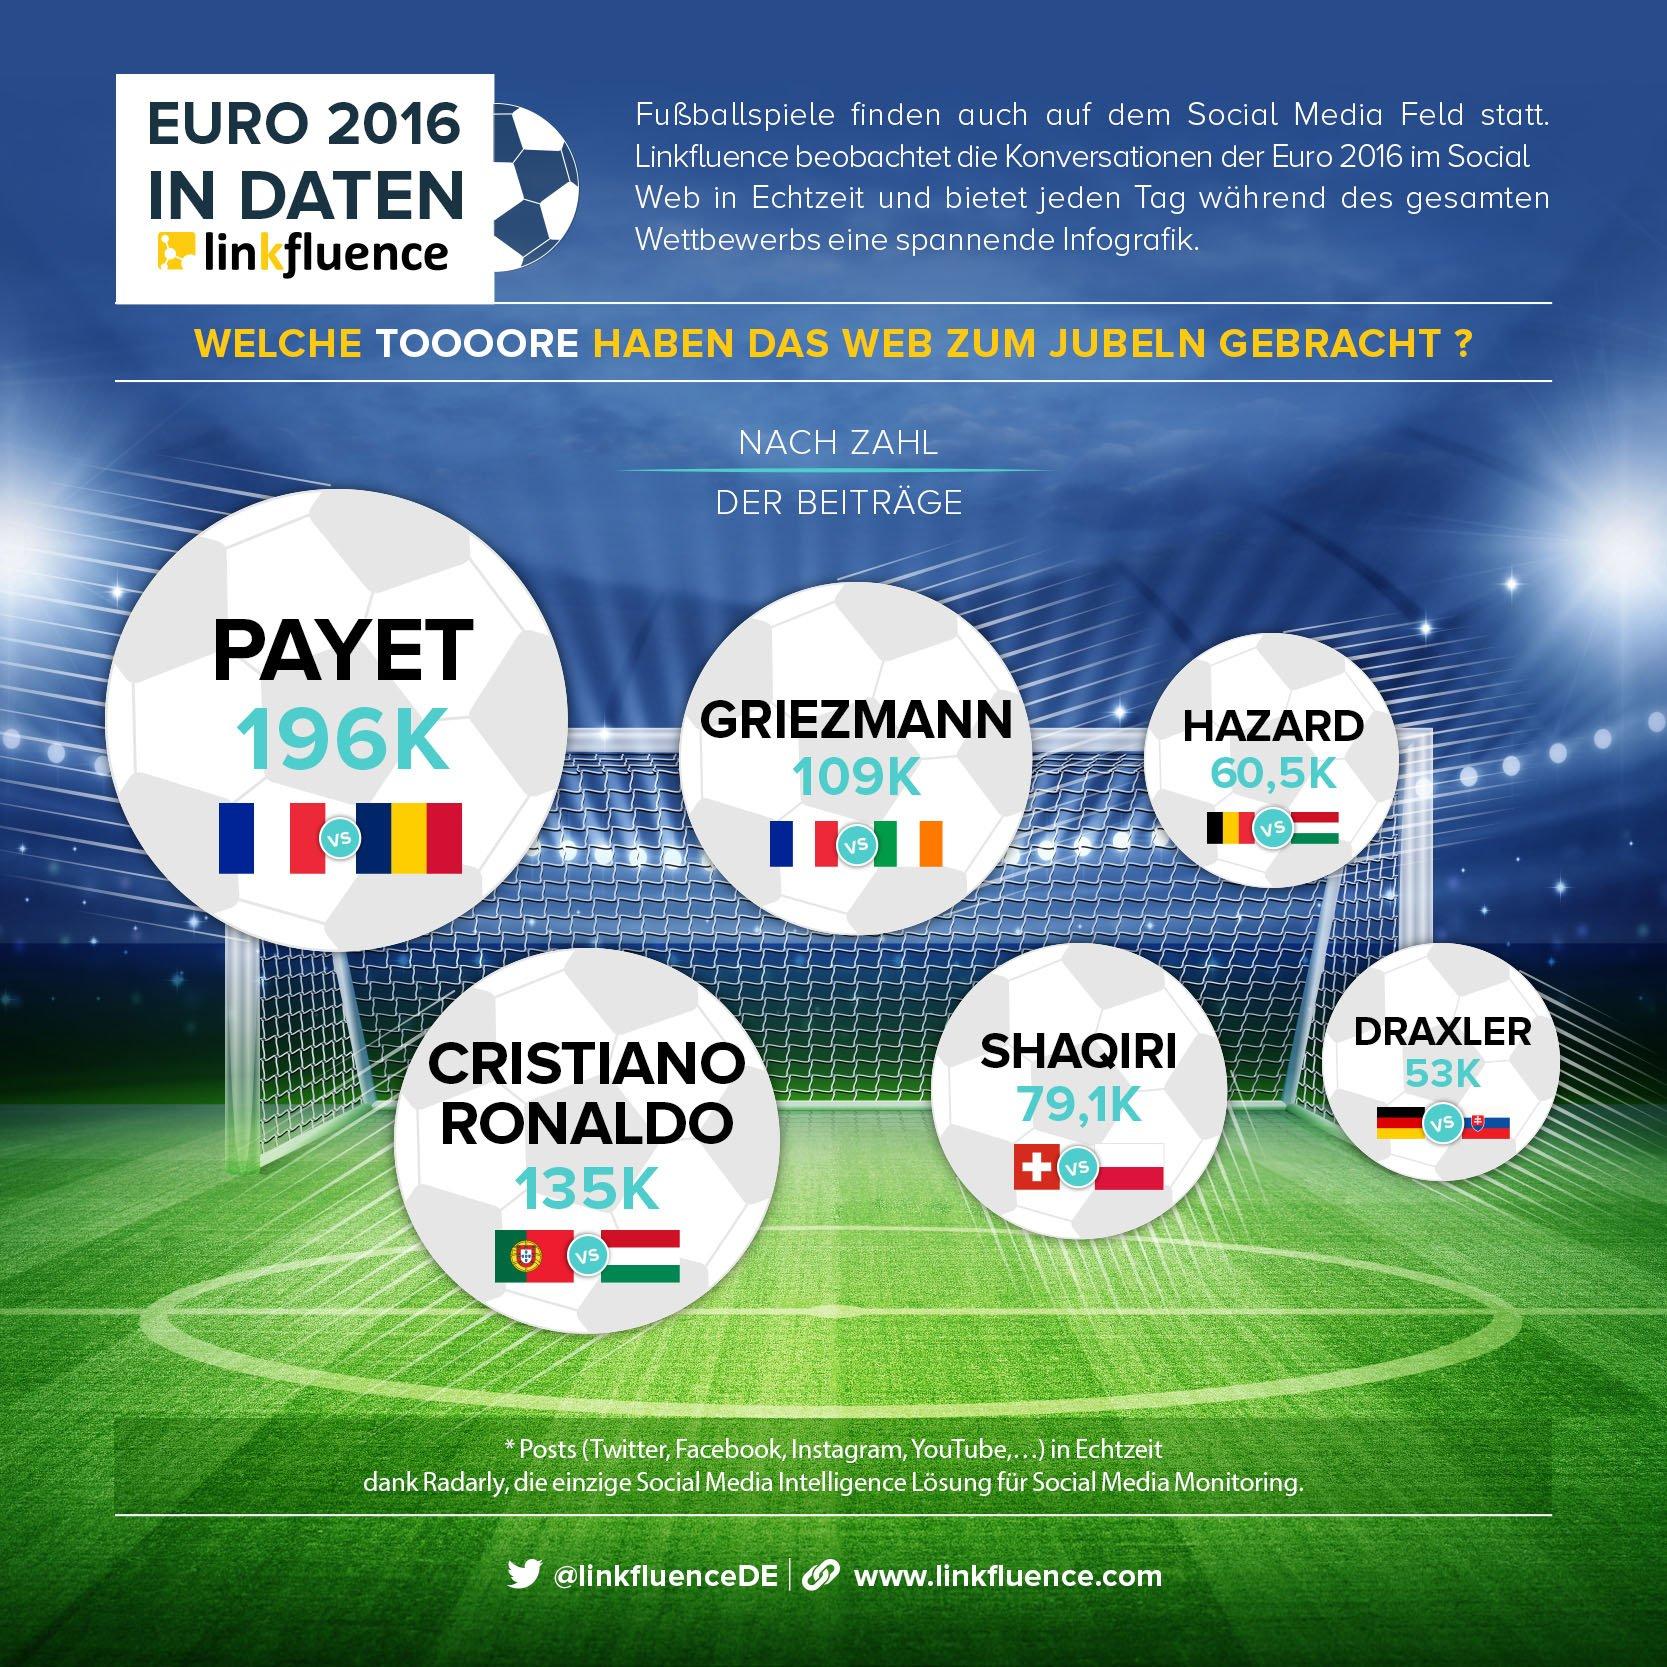 SEUL_EURO2016_CapsuleDigitale_Jeudi23-06_v1_EN